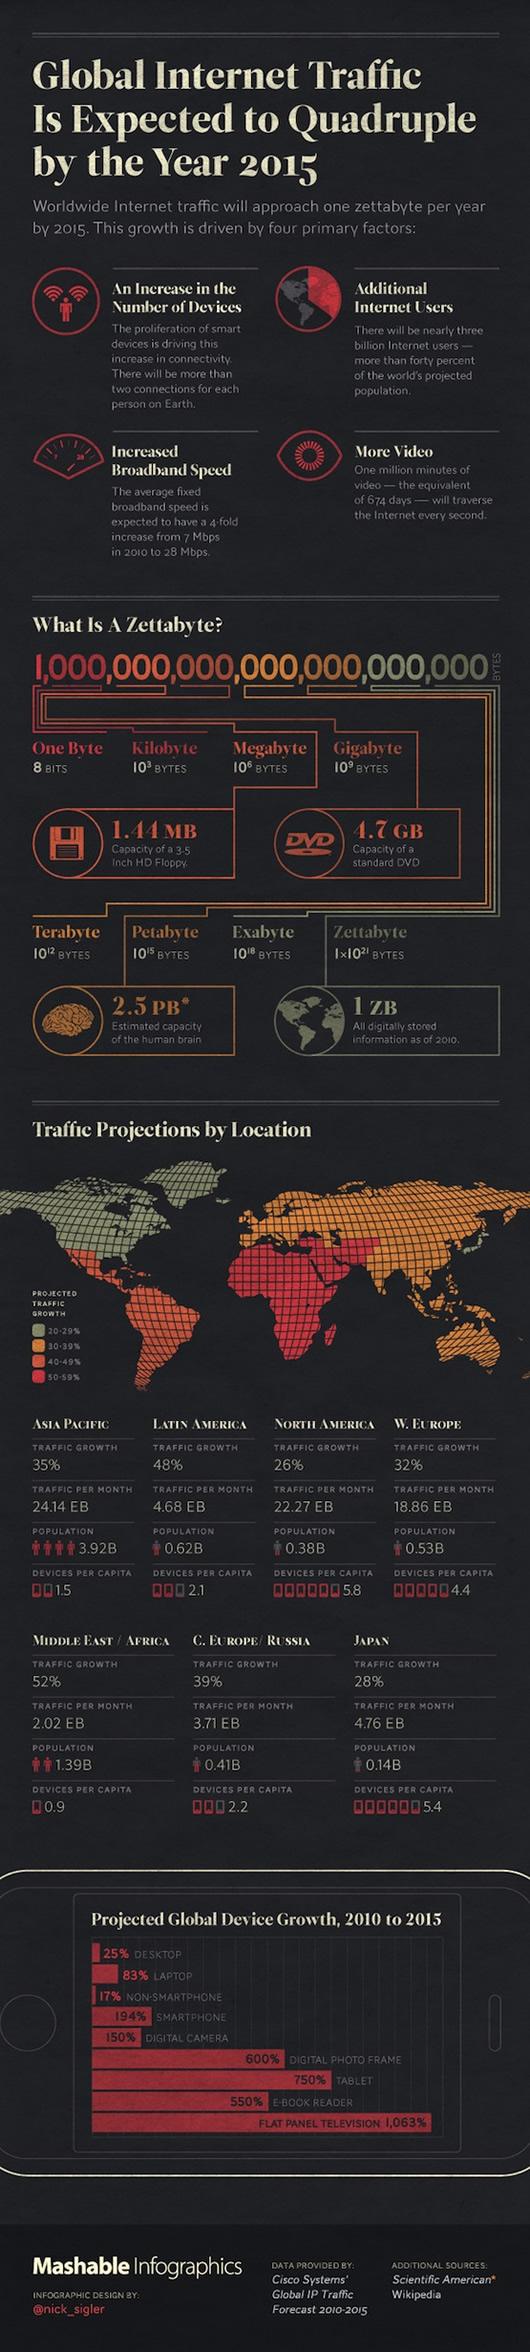 El tráfico de Internet a nivel mundial se cuadruplicará para el 2015